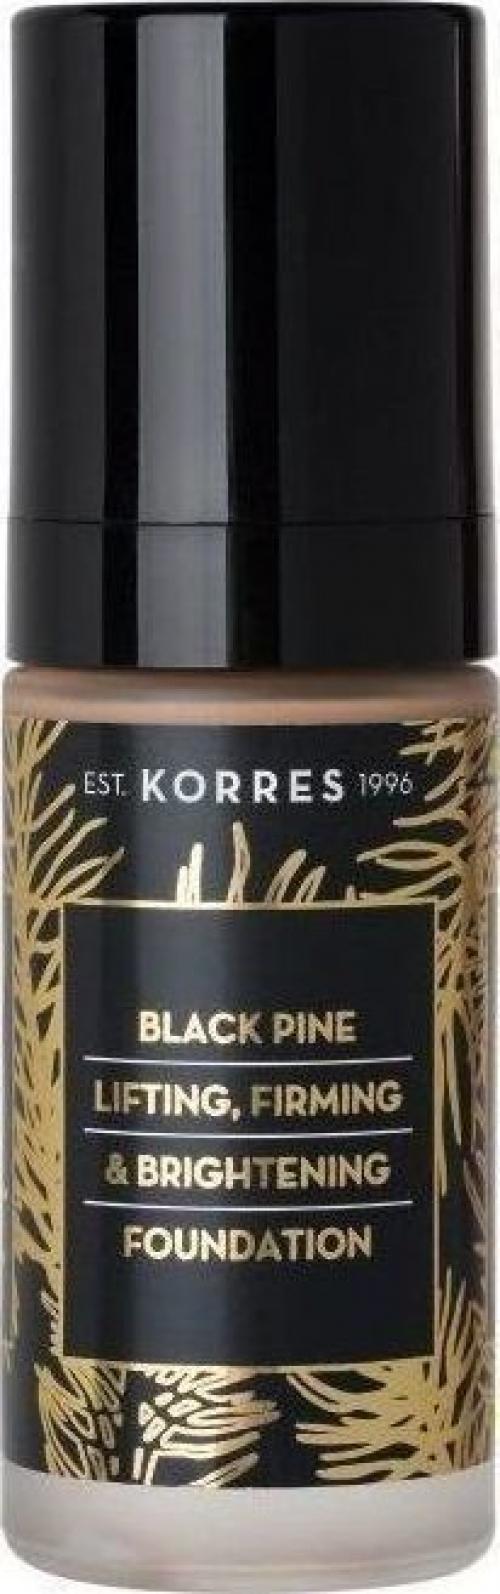 Μαύρη Πεύκη Υγρό make- up Black Pine Lifting, Firming & Brightening Foundation BPF3 30ml